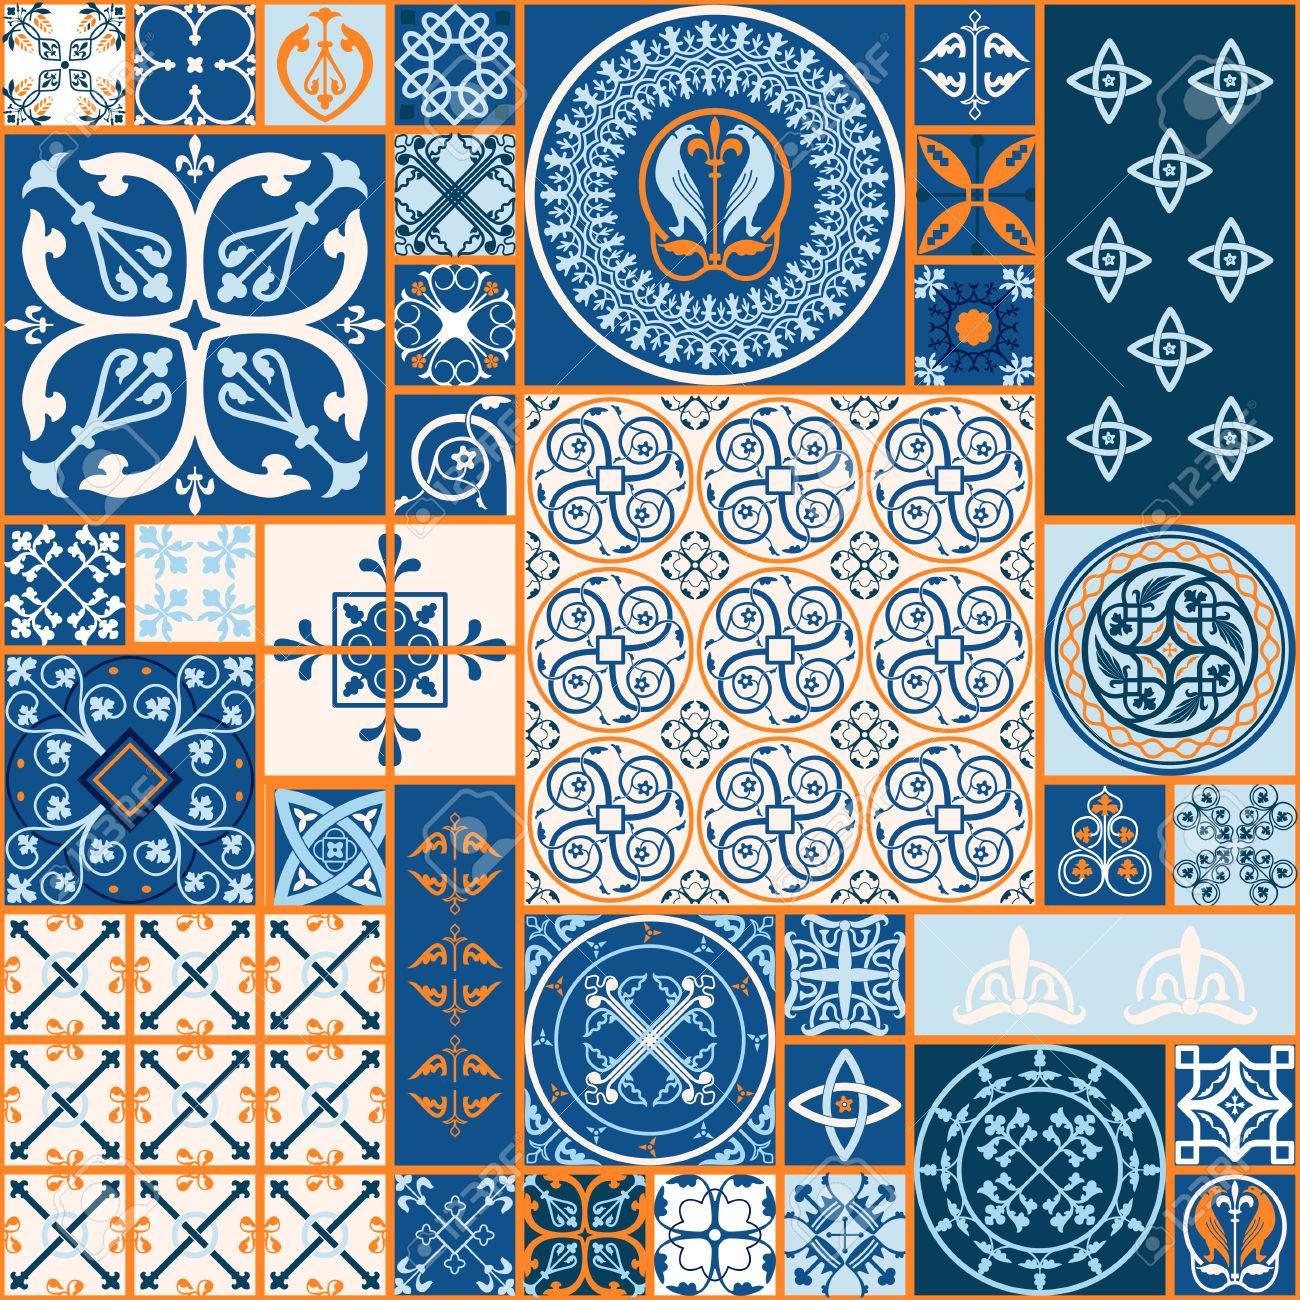 ベクトル図のモロッコ タイルのデザイン 背景 バナーのシームレスなパターン 壁紙 セラミック 繊維のスペインの要素です 中世飾りテクスチャ テンプレートのイラスト素材 ベクタ Image